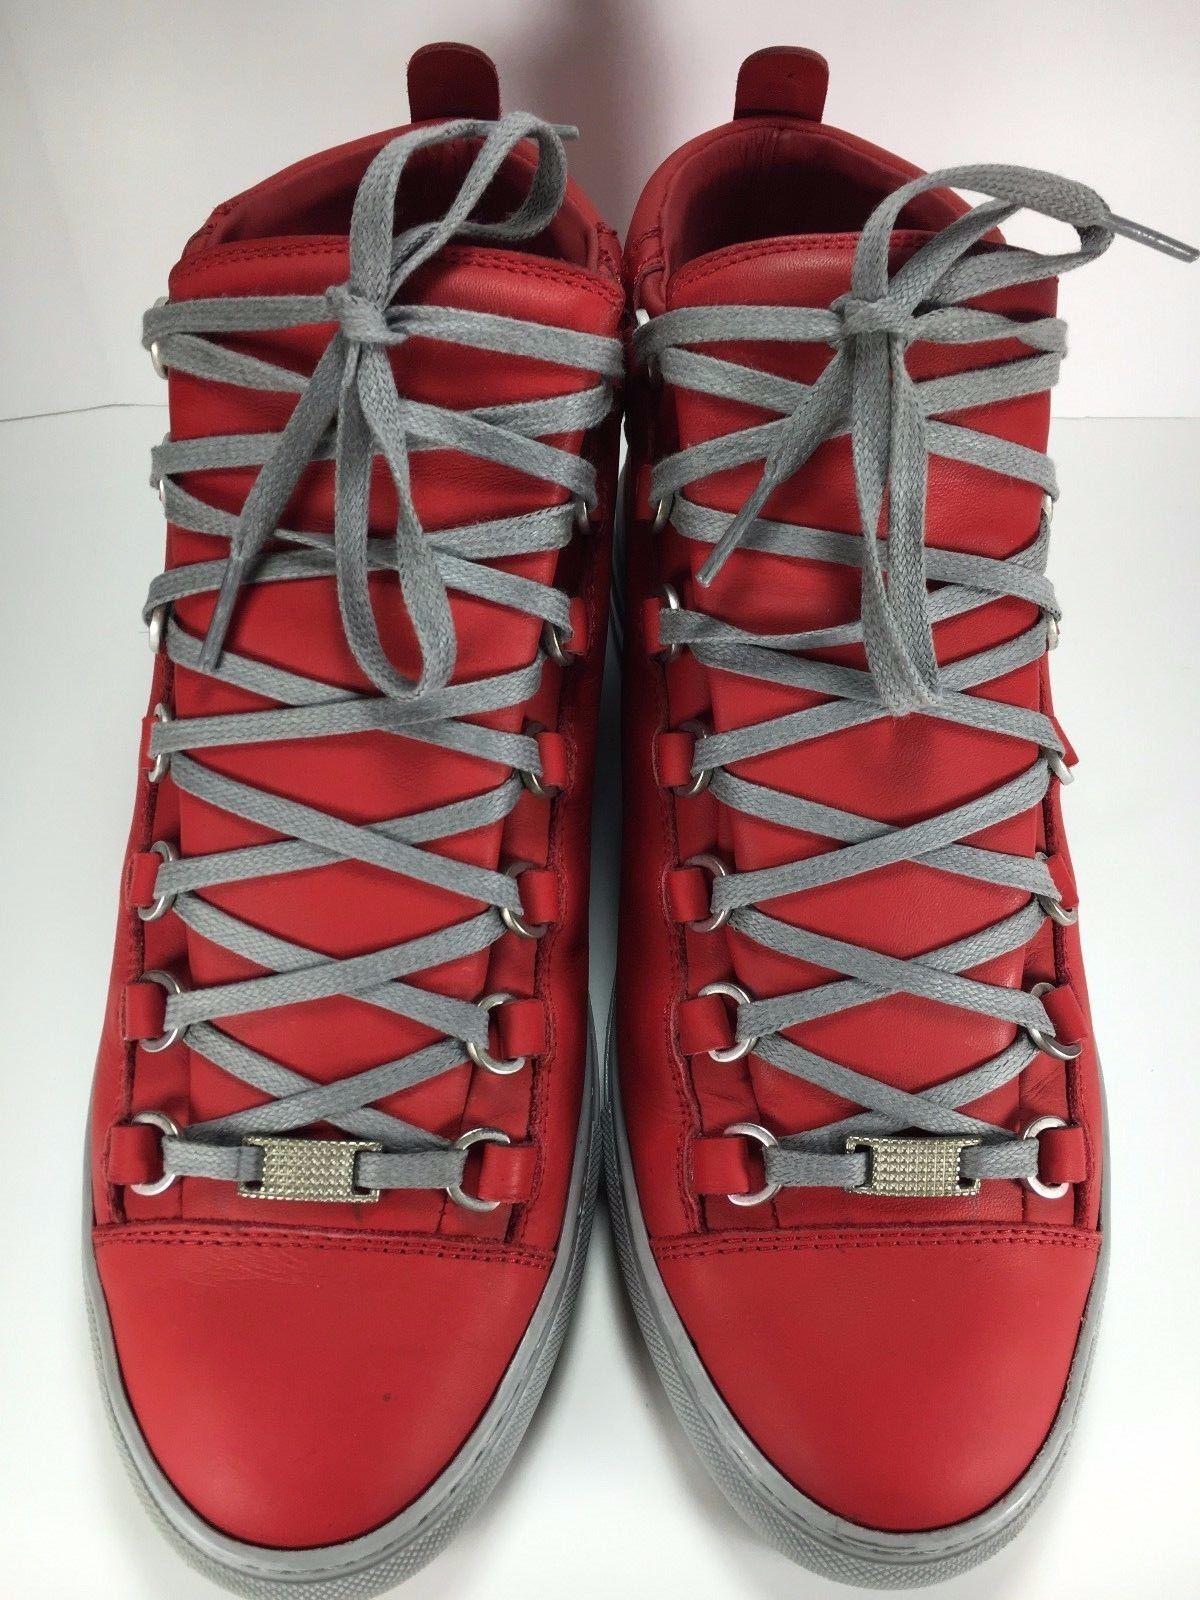 Nordstrom Mens Sneakers | Balenciaga Arena Sneakers | Balenciaga Arena Replica